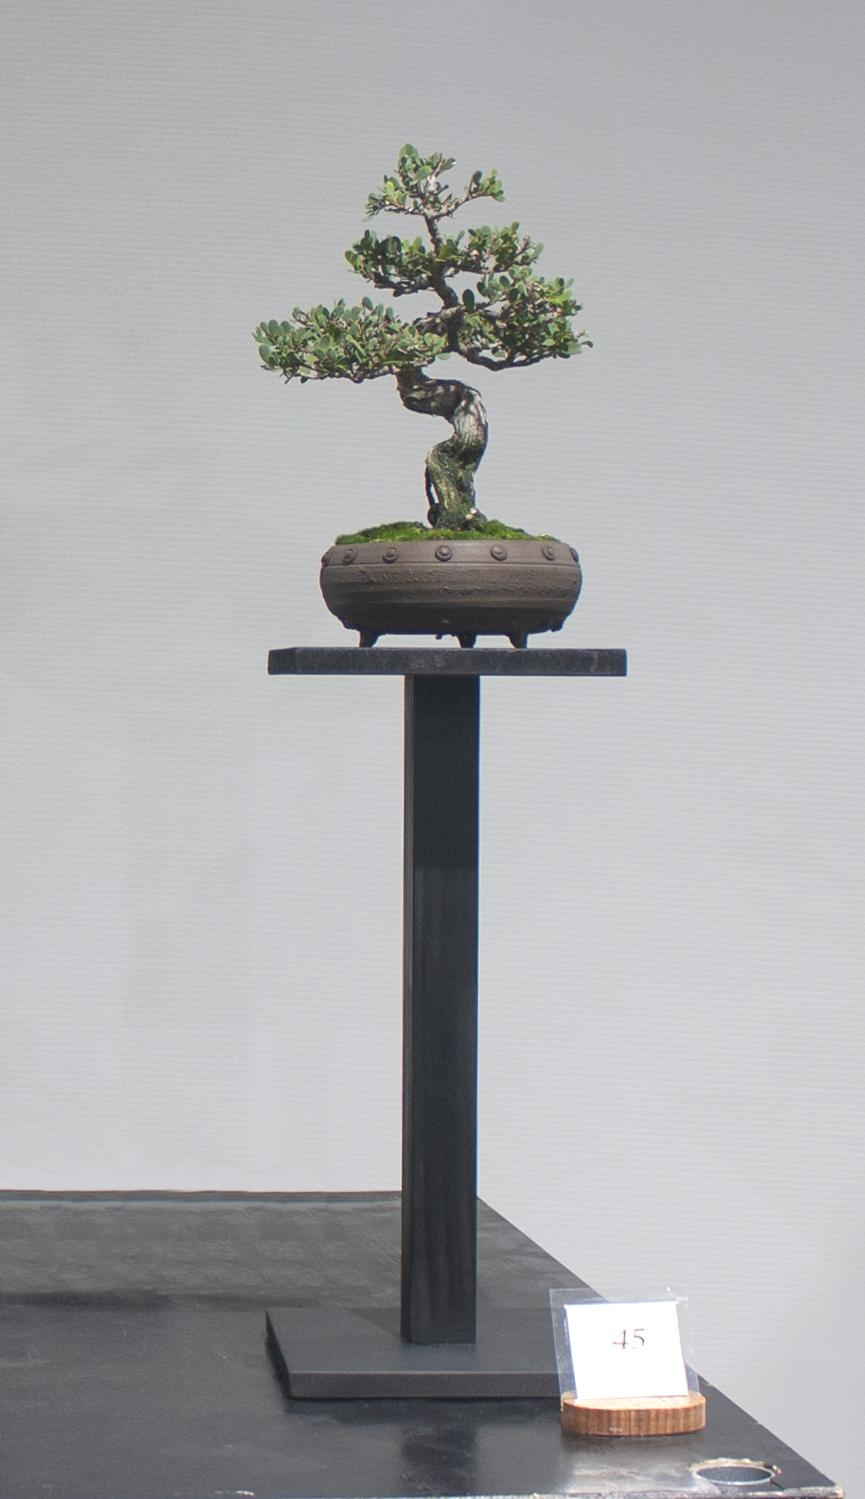 45 Leptospermum laevigatum, Coastal tea tree